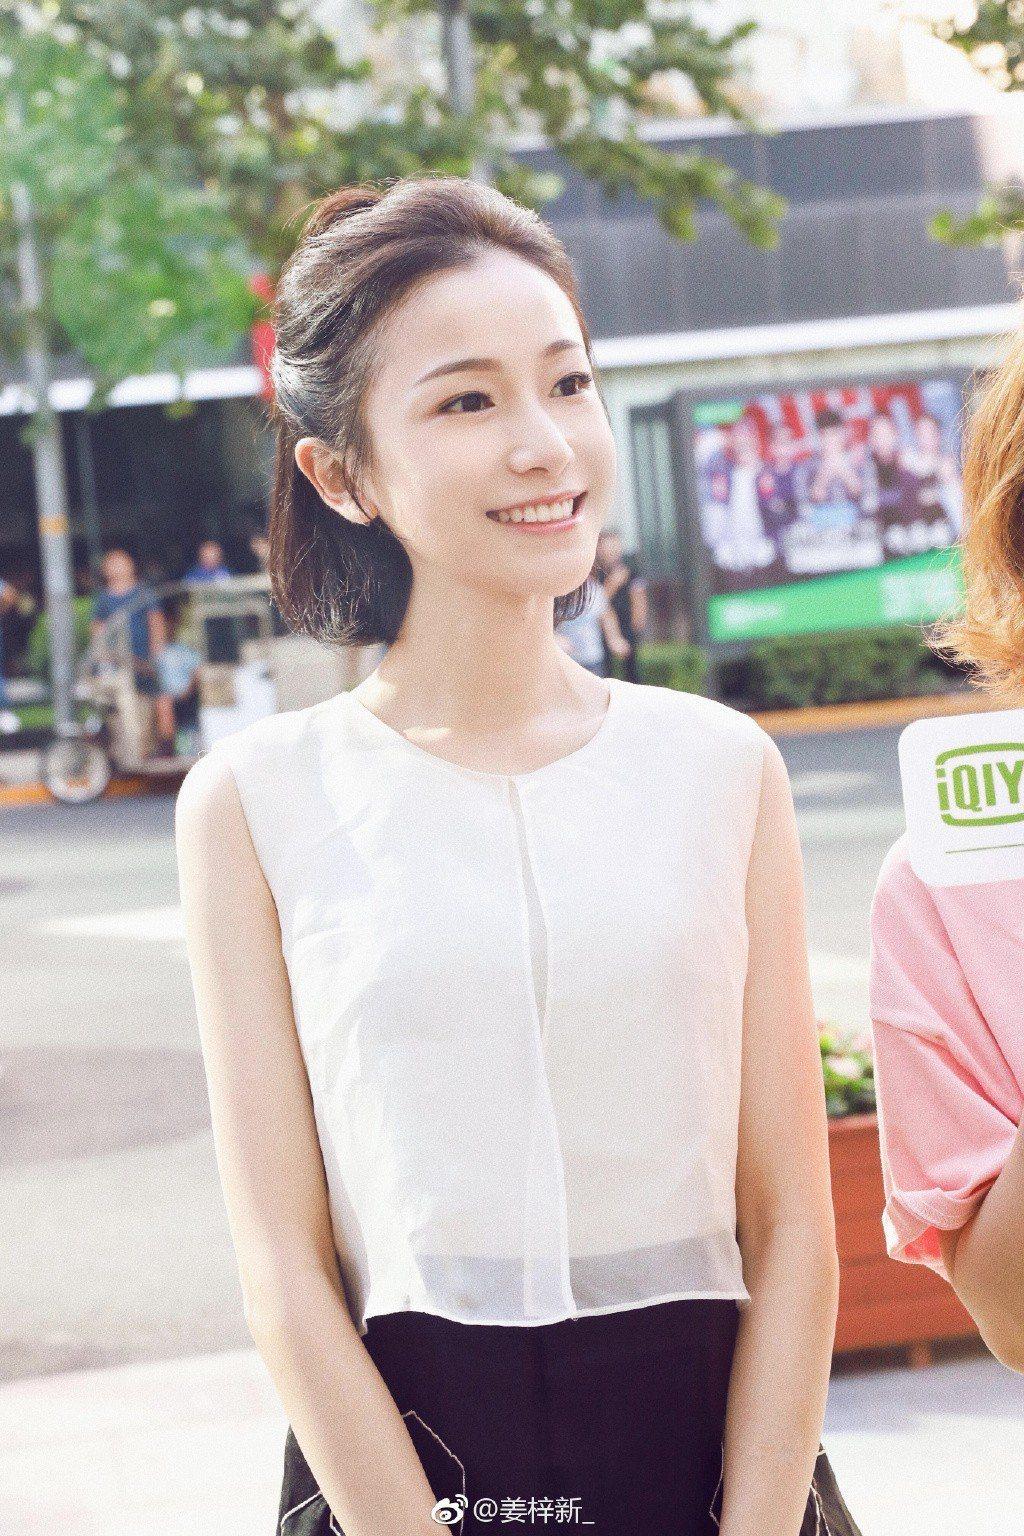 「延禧攻略」中飾演宮女明玉的姜梓新。圖/摘自微博